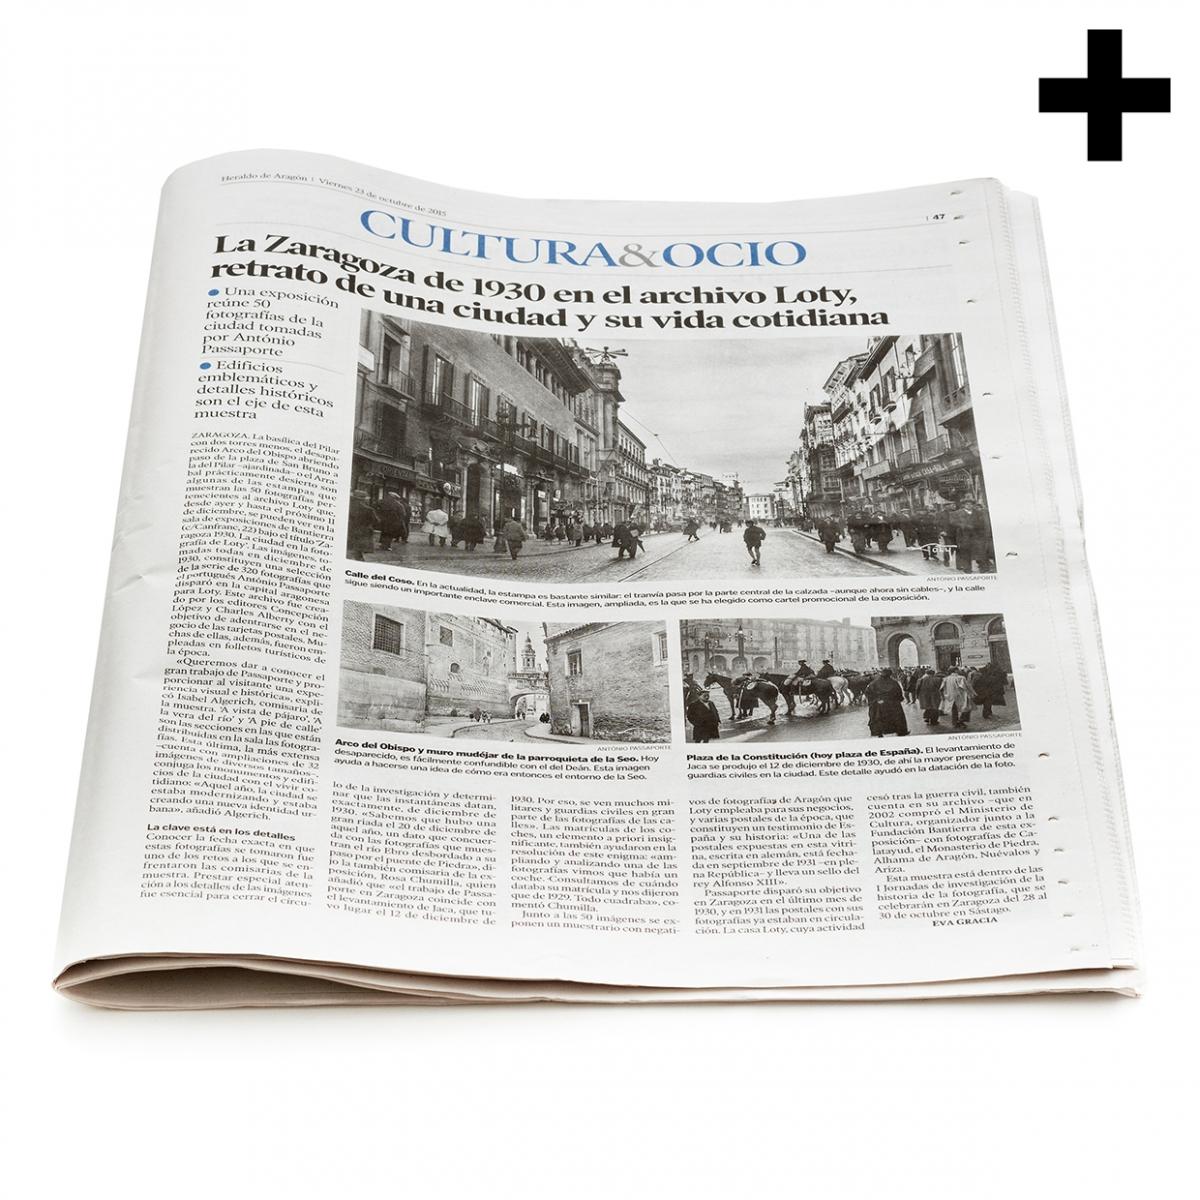 Imagen en la que se ve un periódico mostrando su portada